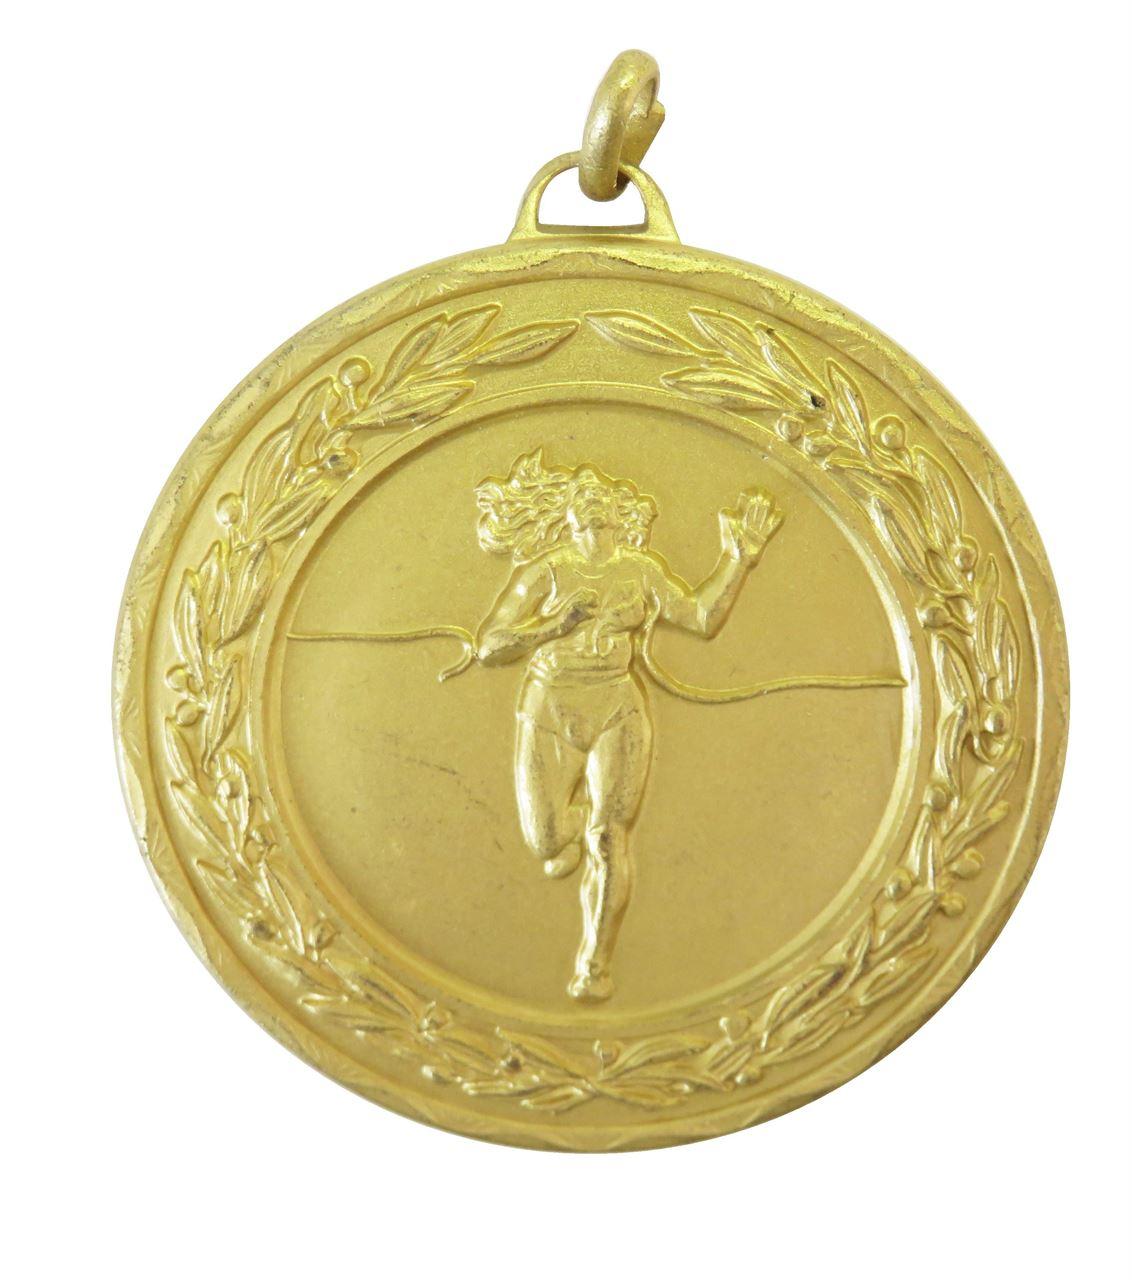 Gold Laurel Economy Female Runner Winner Medal (size: 50mm) - 4125E